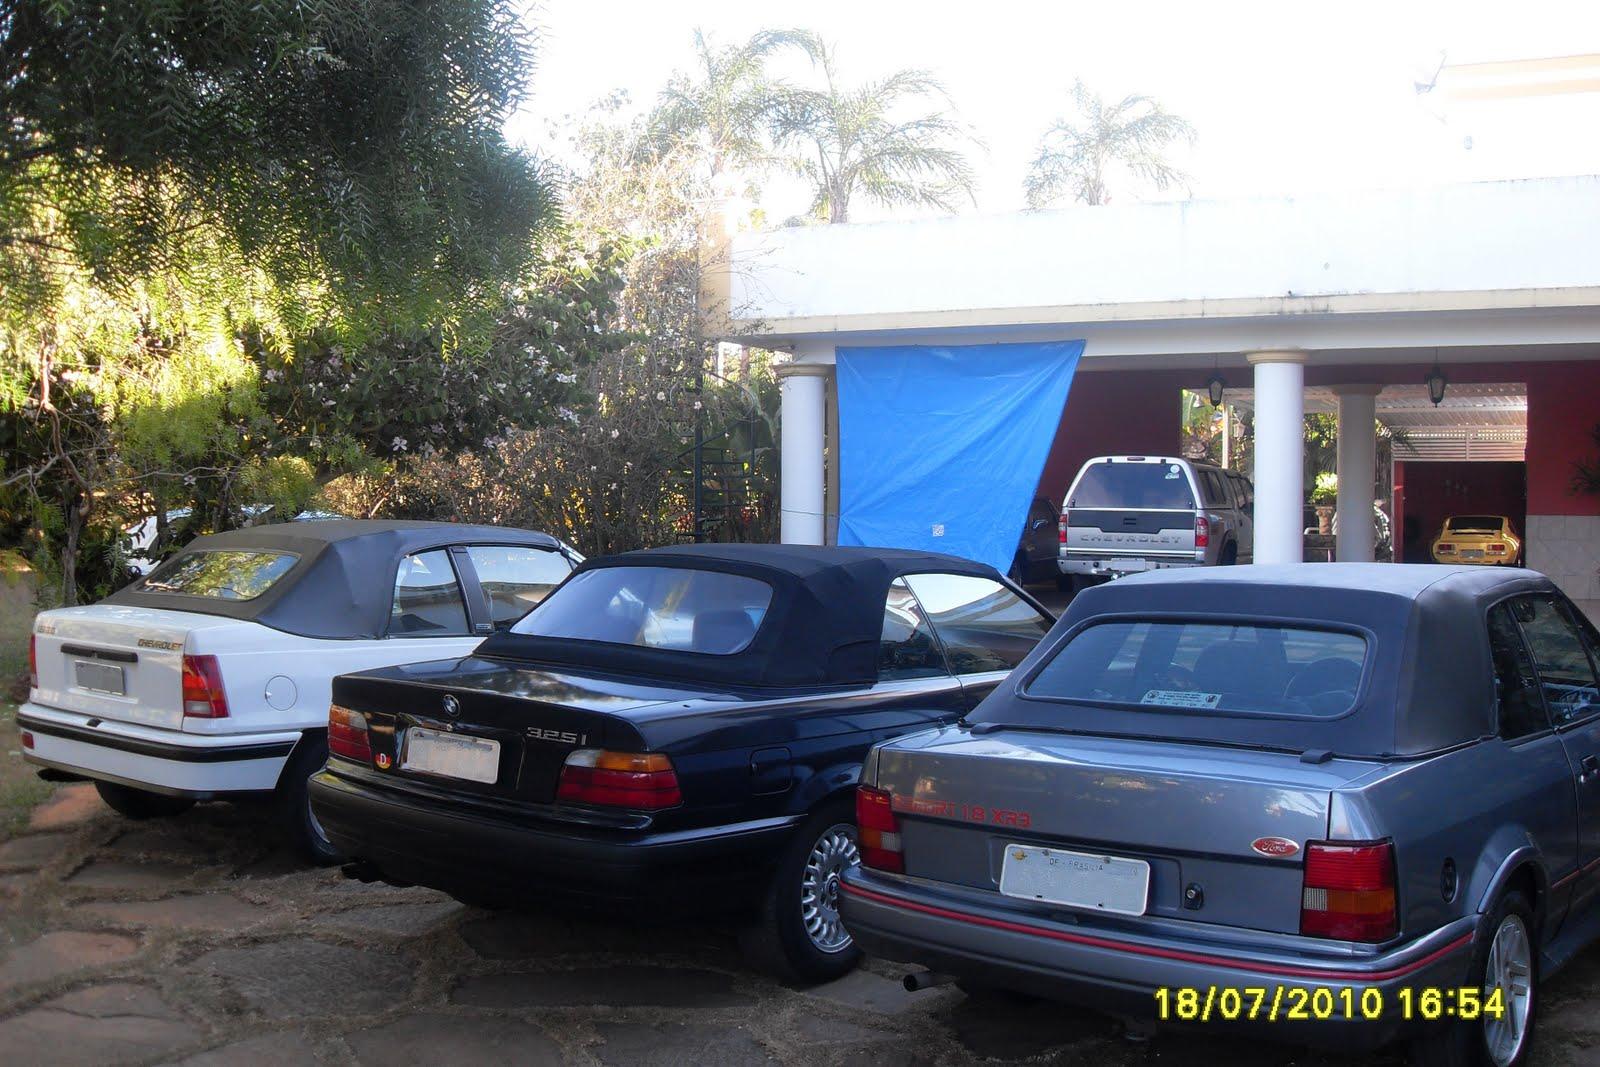 OLX Carros Usados Brasil. Olx El Salvador Autos Usados. View Original